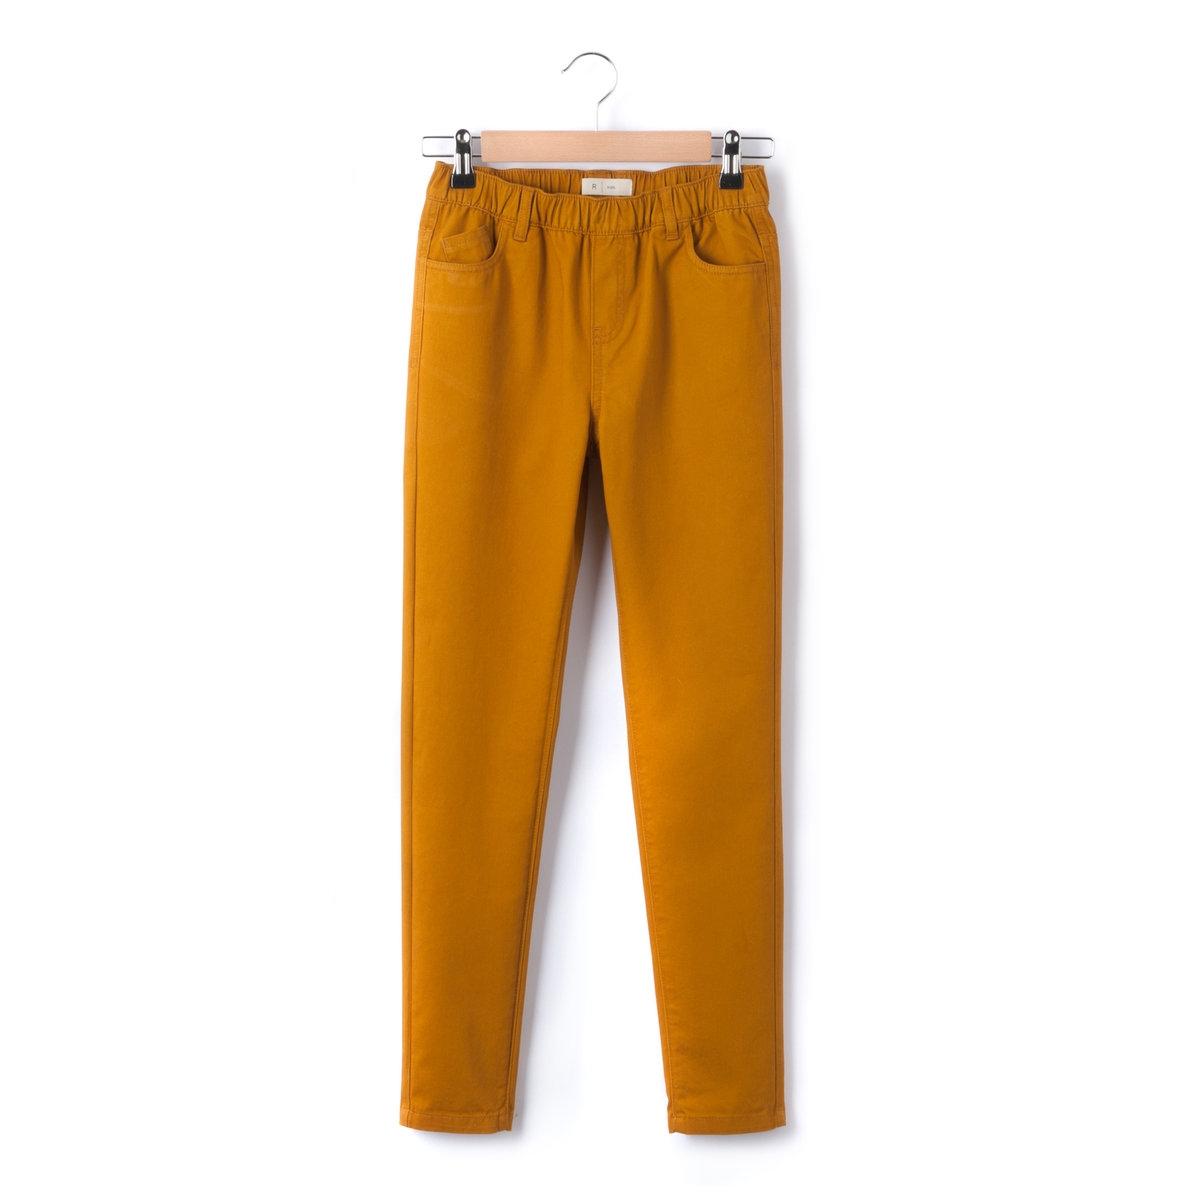 Джеггинсы скинниДжеггинсы из трикотажа стретч: 70% хлопка, 27% полиэстера, 3% эластана. Совсем как джинсы скинни, но... с большим комфортом!   Эластичный пояс со шлевками для ремня. Ложная планка застежки. 2 кармана спереди + 1 часовой кармашек. 2 кармана сзади.<br><br>Цвет: бордовый,темно-бежевый<br>Размер: 14 лет.16 лет